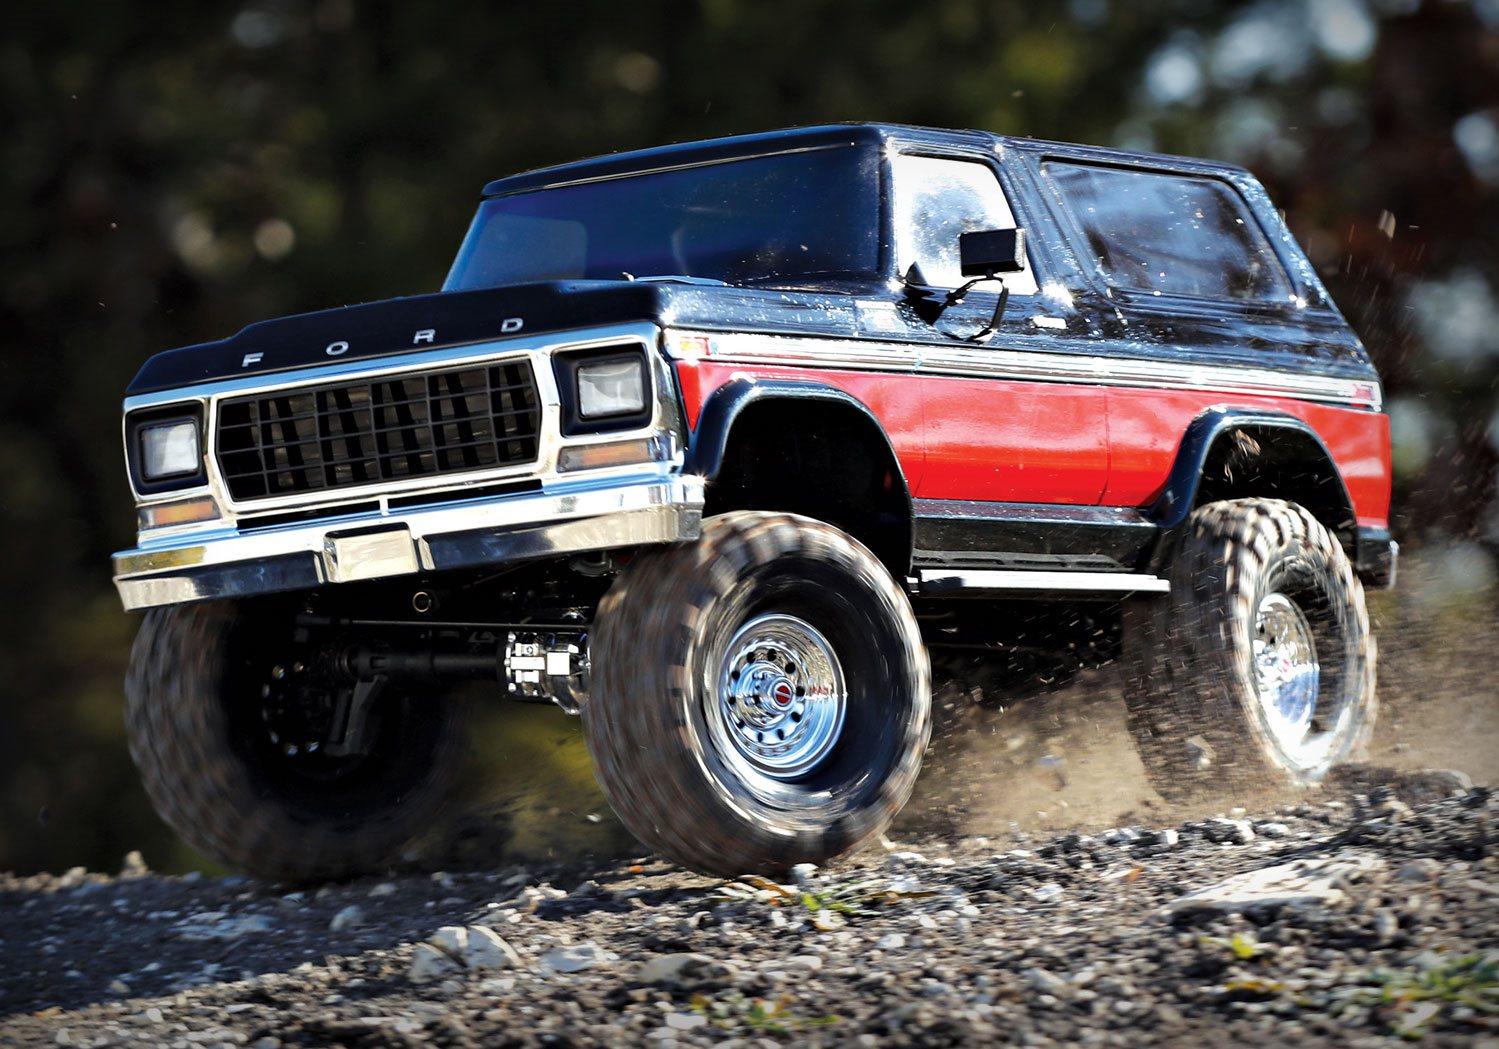 Traxxas TRX4 Ford Bronco Red (Traxxas 82046-4-RED ...